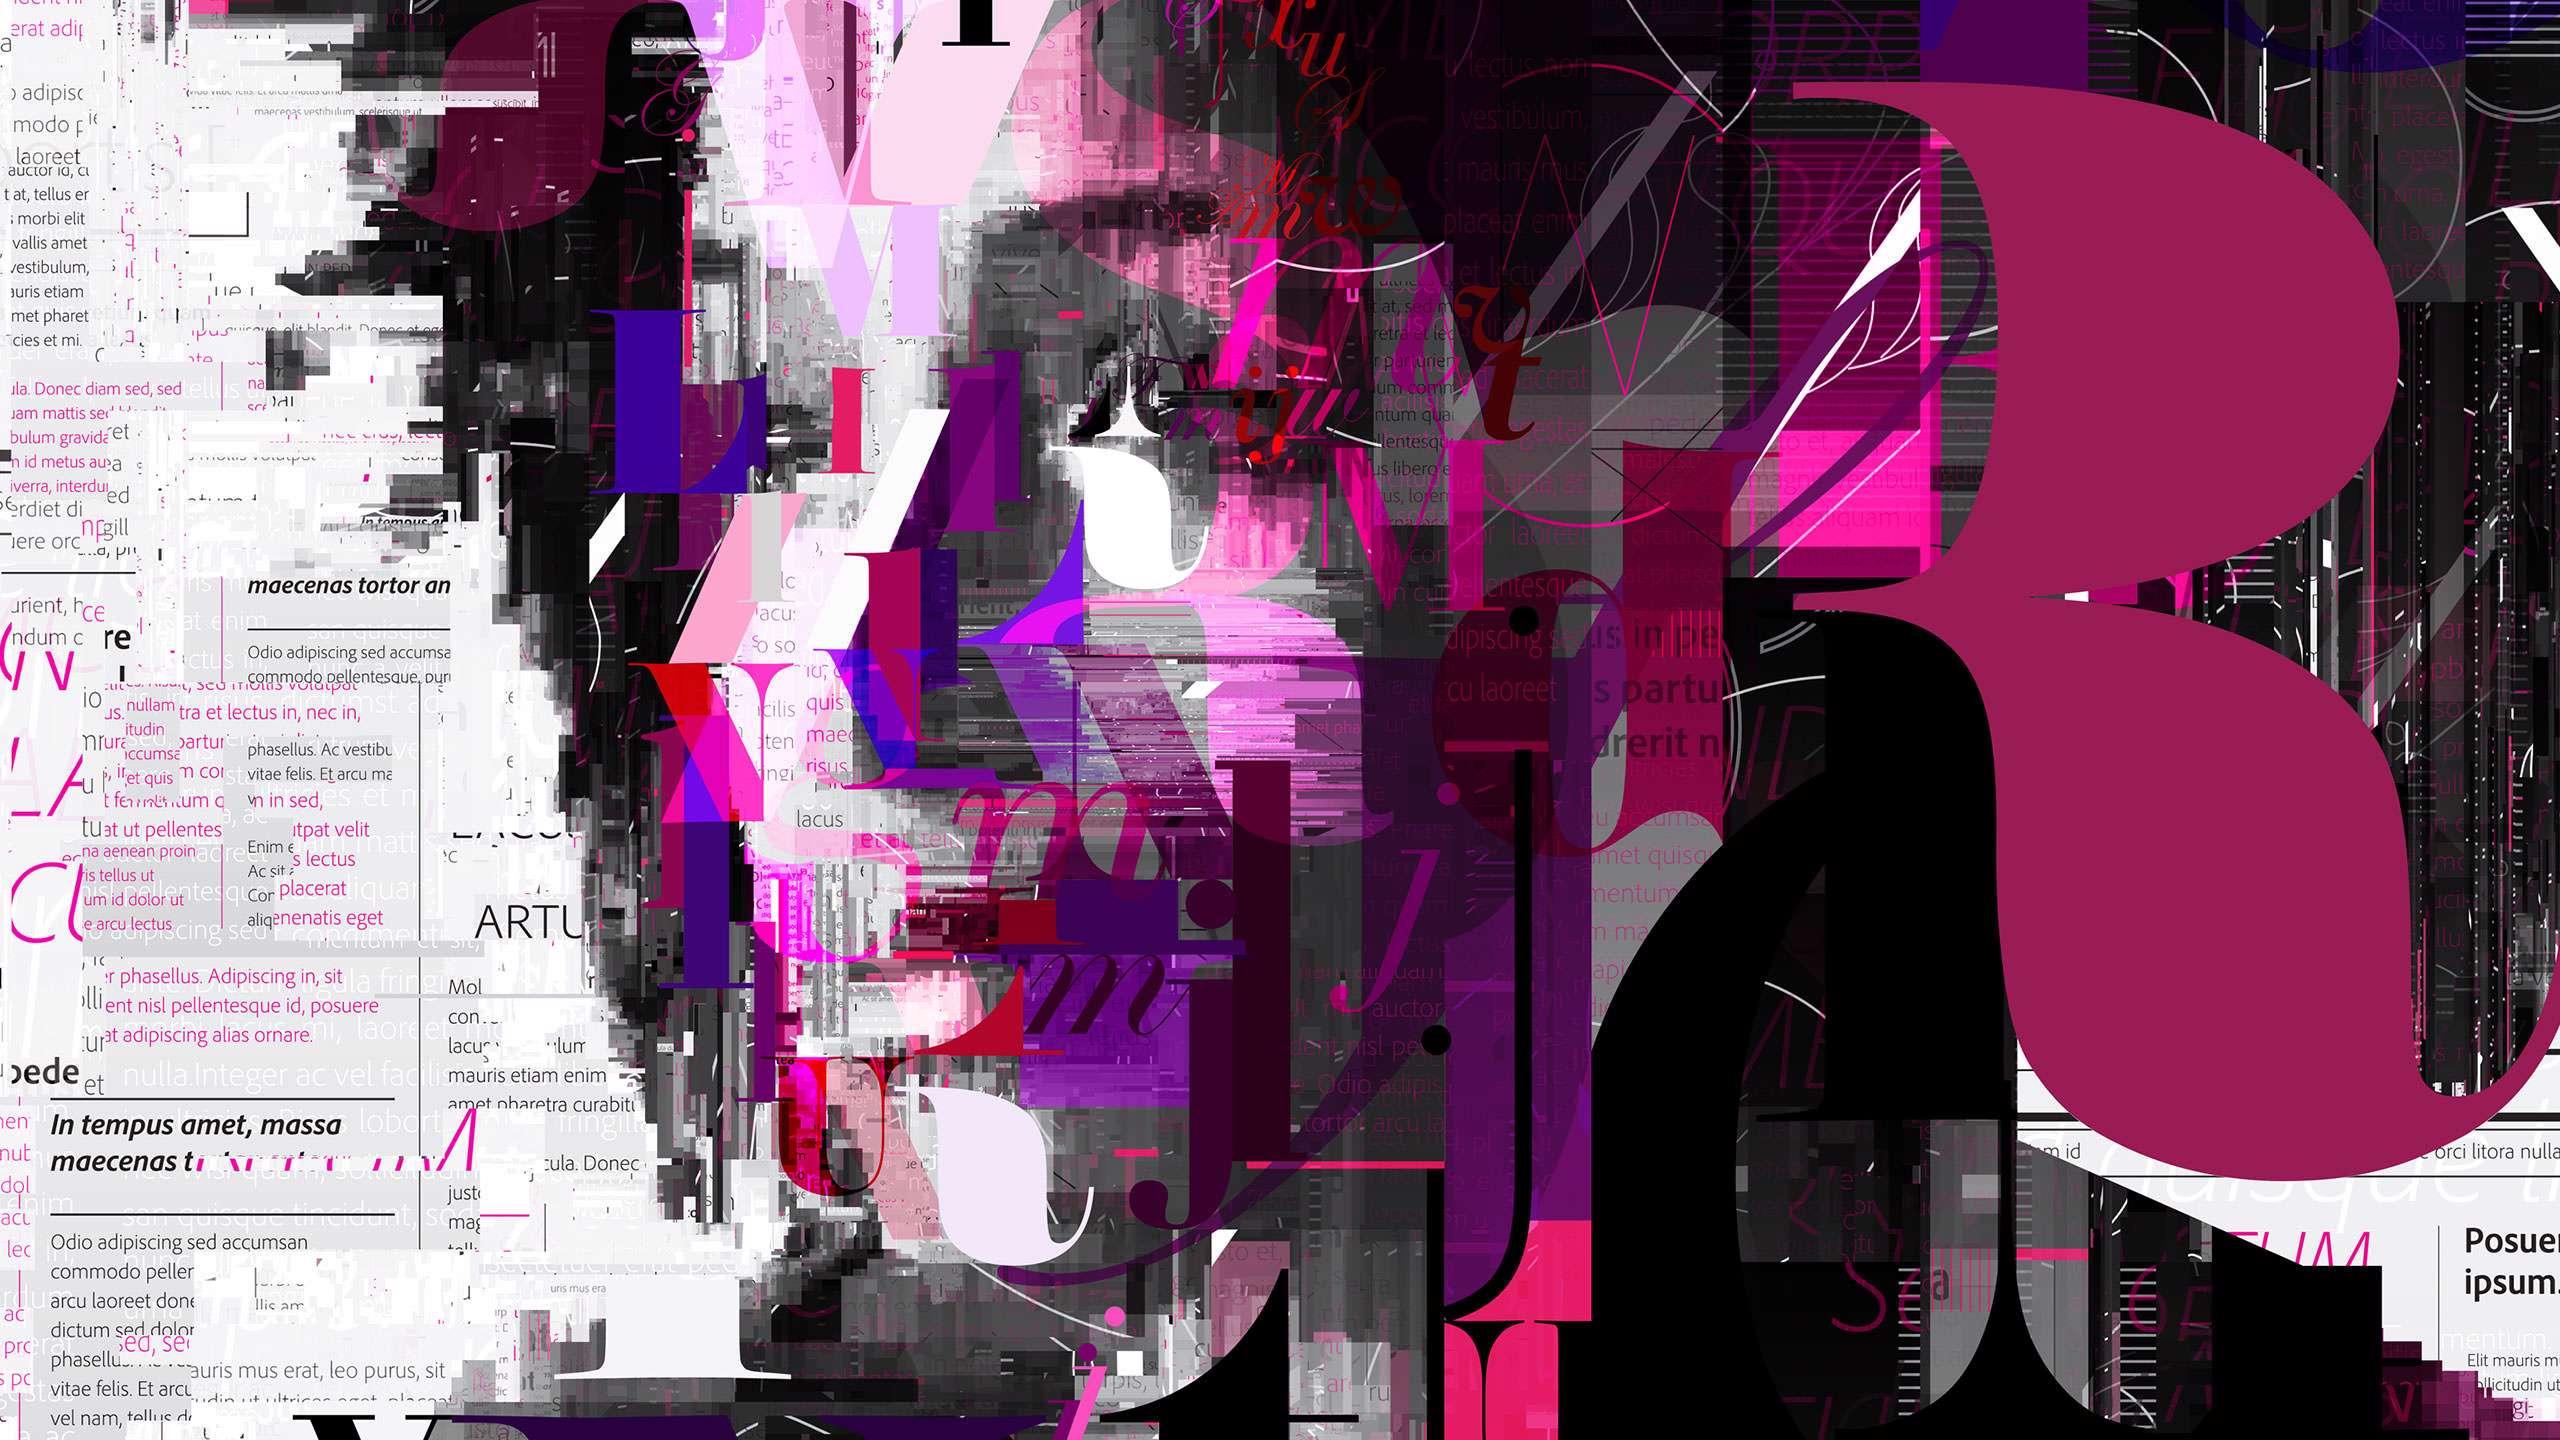 دانلود برنامه اوبی این دیزاین Adobe InDesign CC 2018 13.0.1.207 برای رایانه